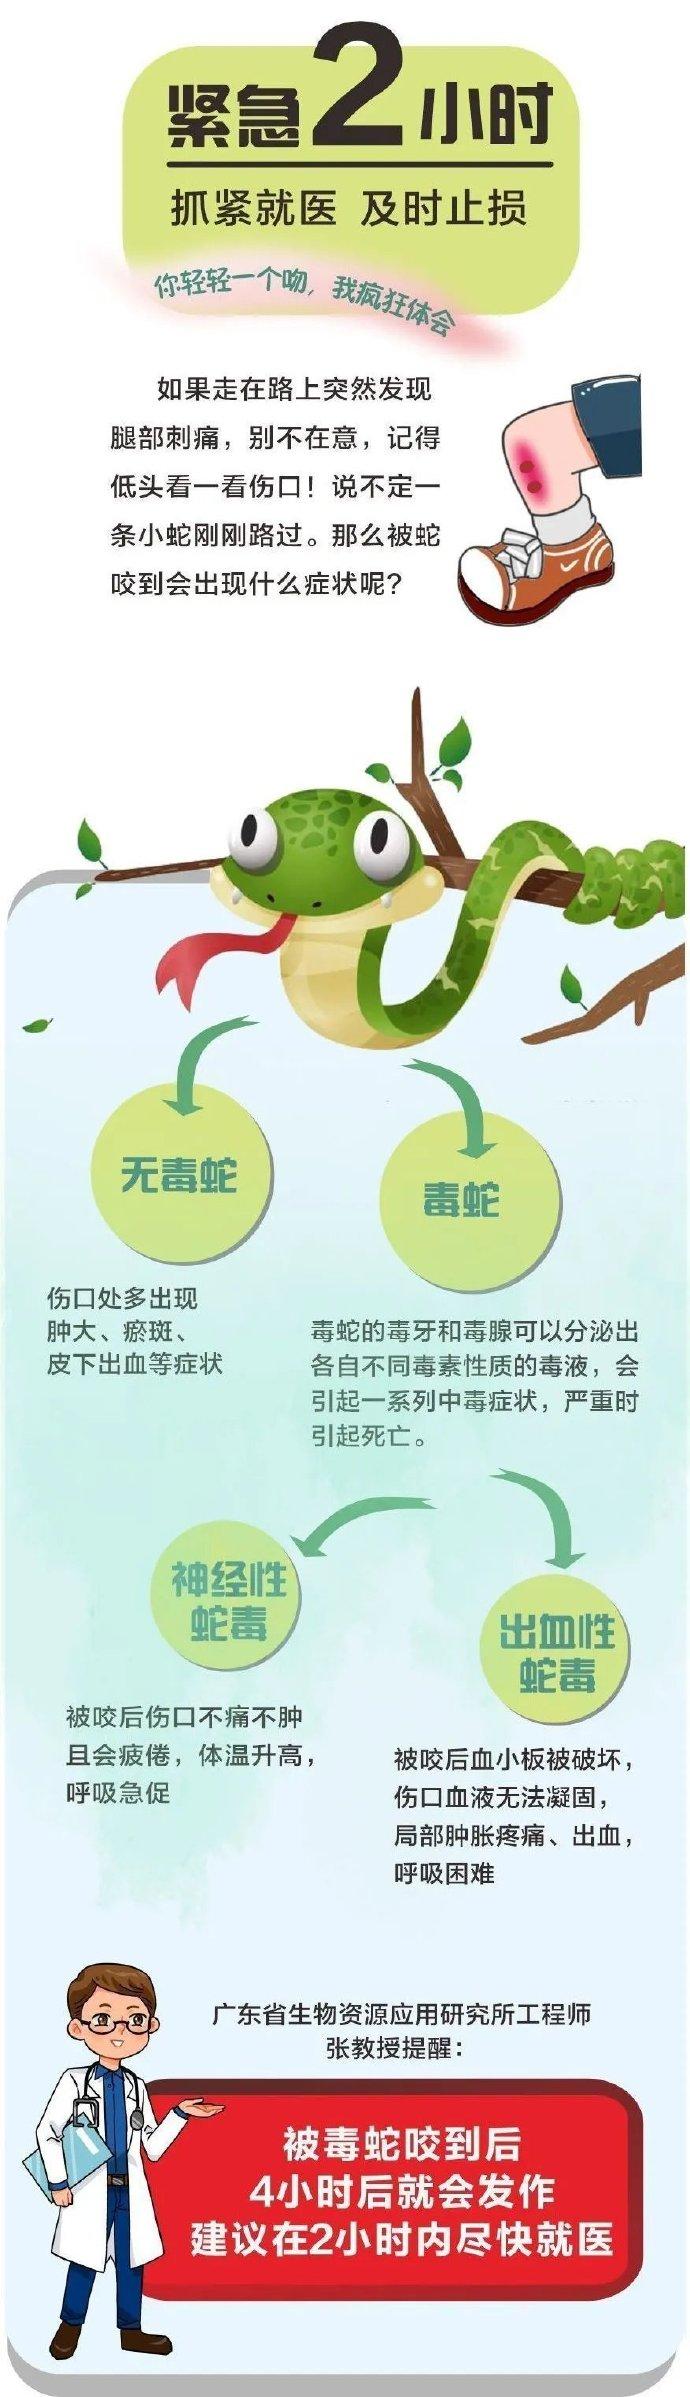 深圳梅林水库惊现巨蟒?真相来了……